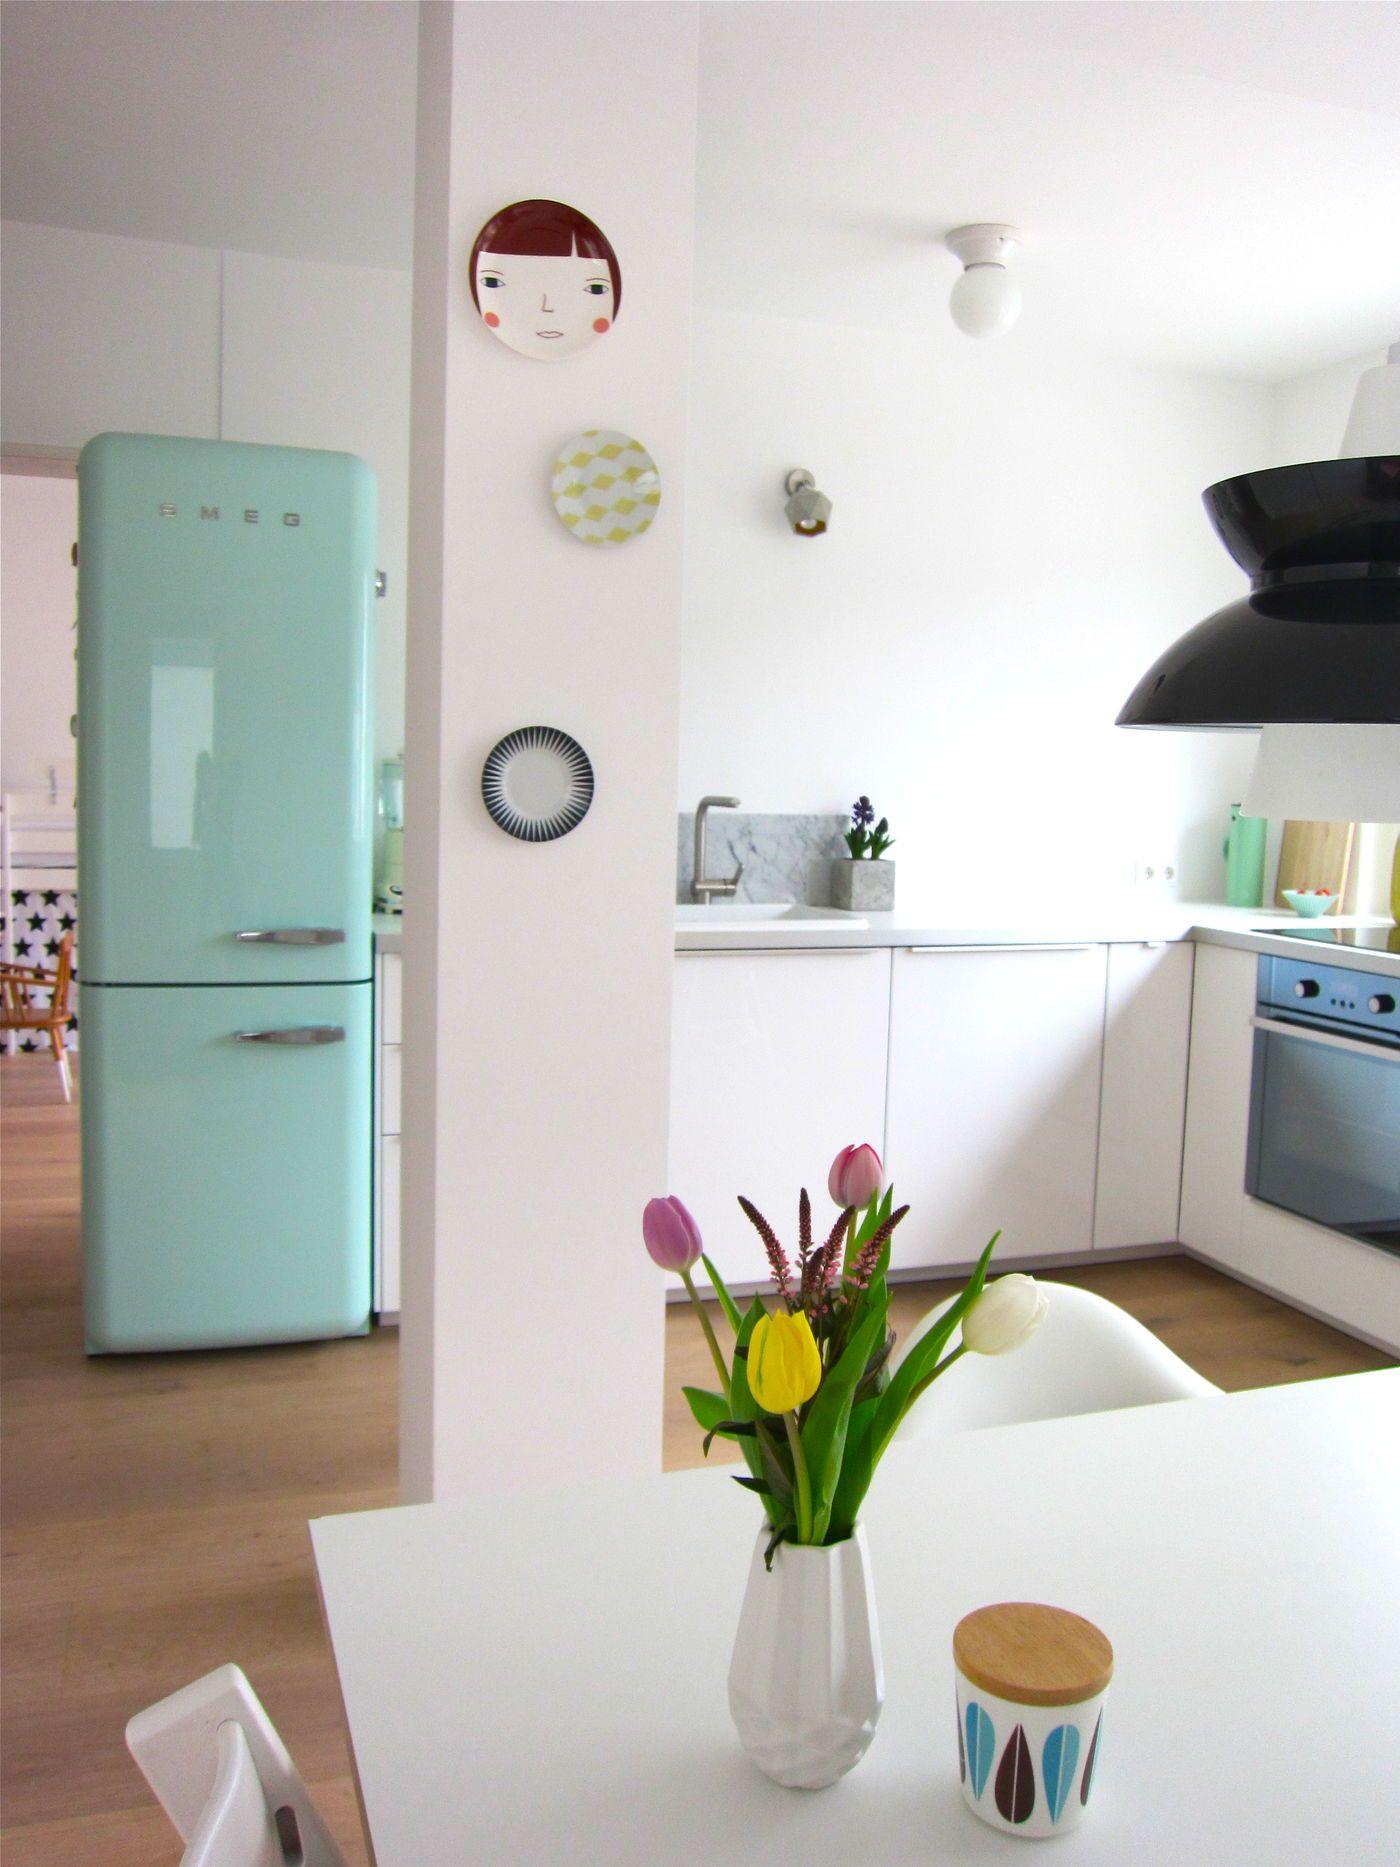 Smeg Küchengeräte im Retro-Design: Kühlschränke und Co.